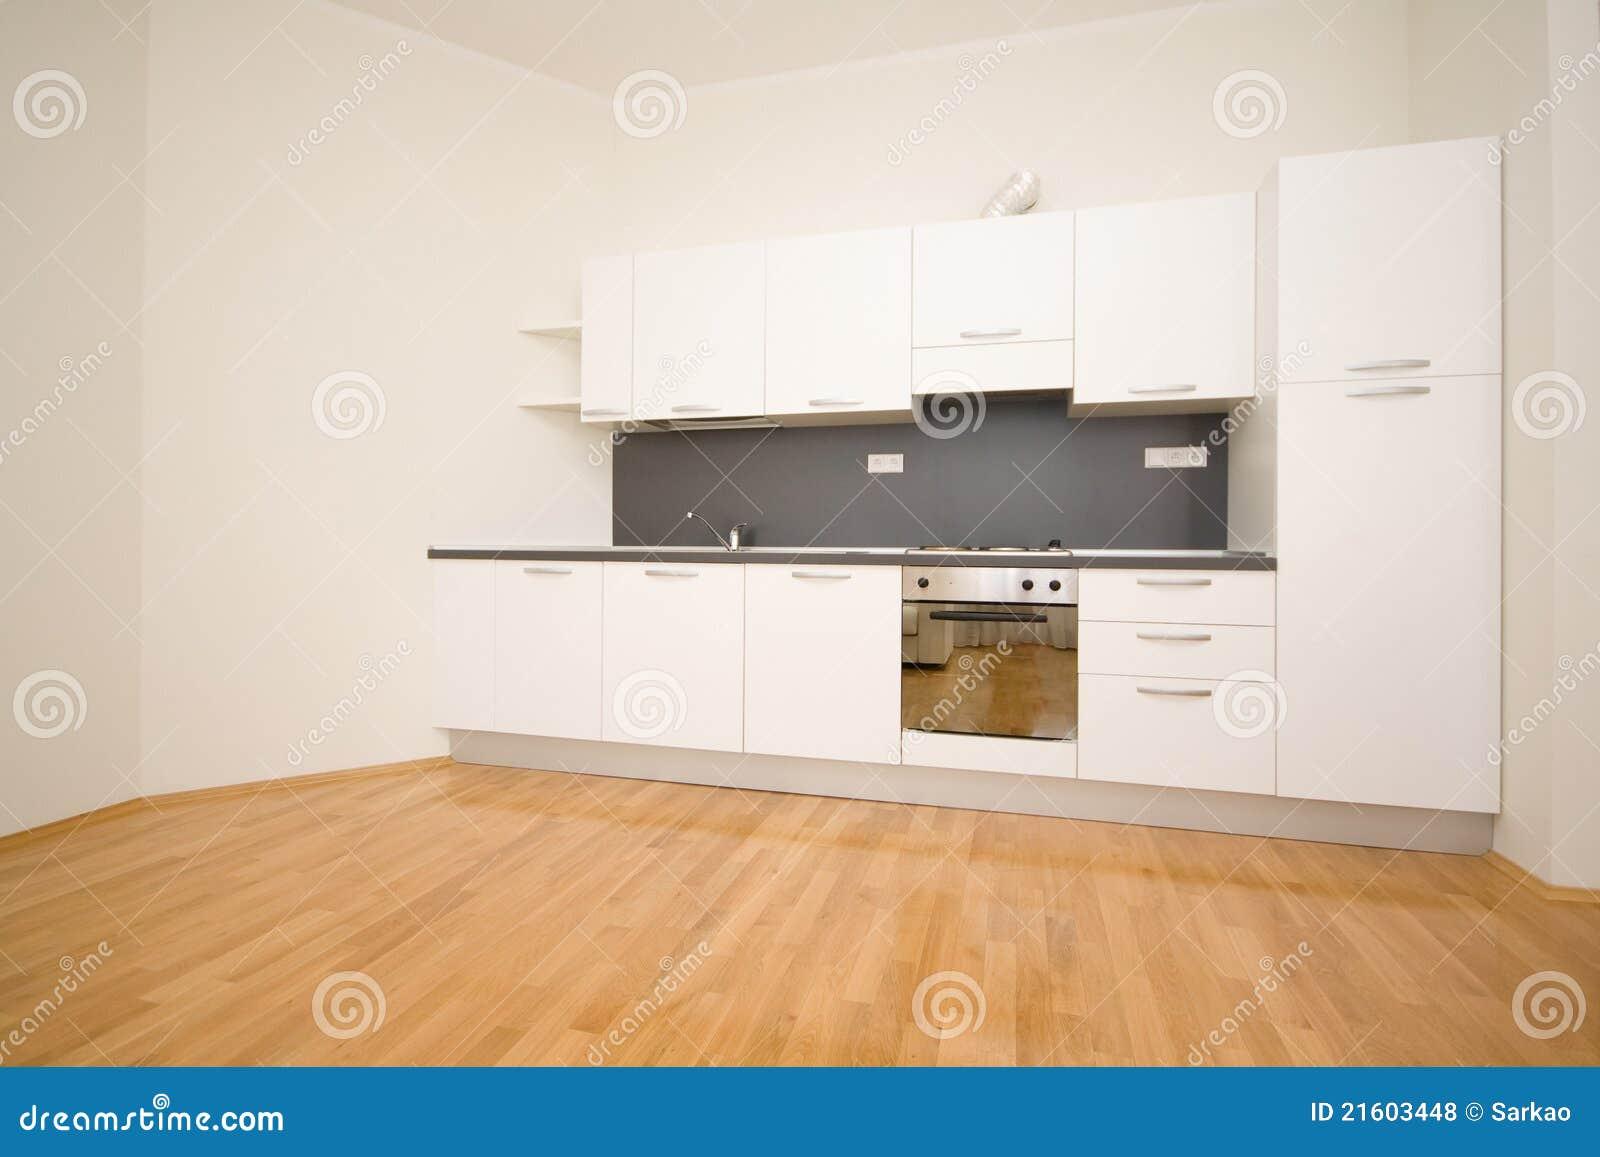 Lege witte keuken